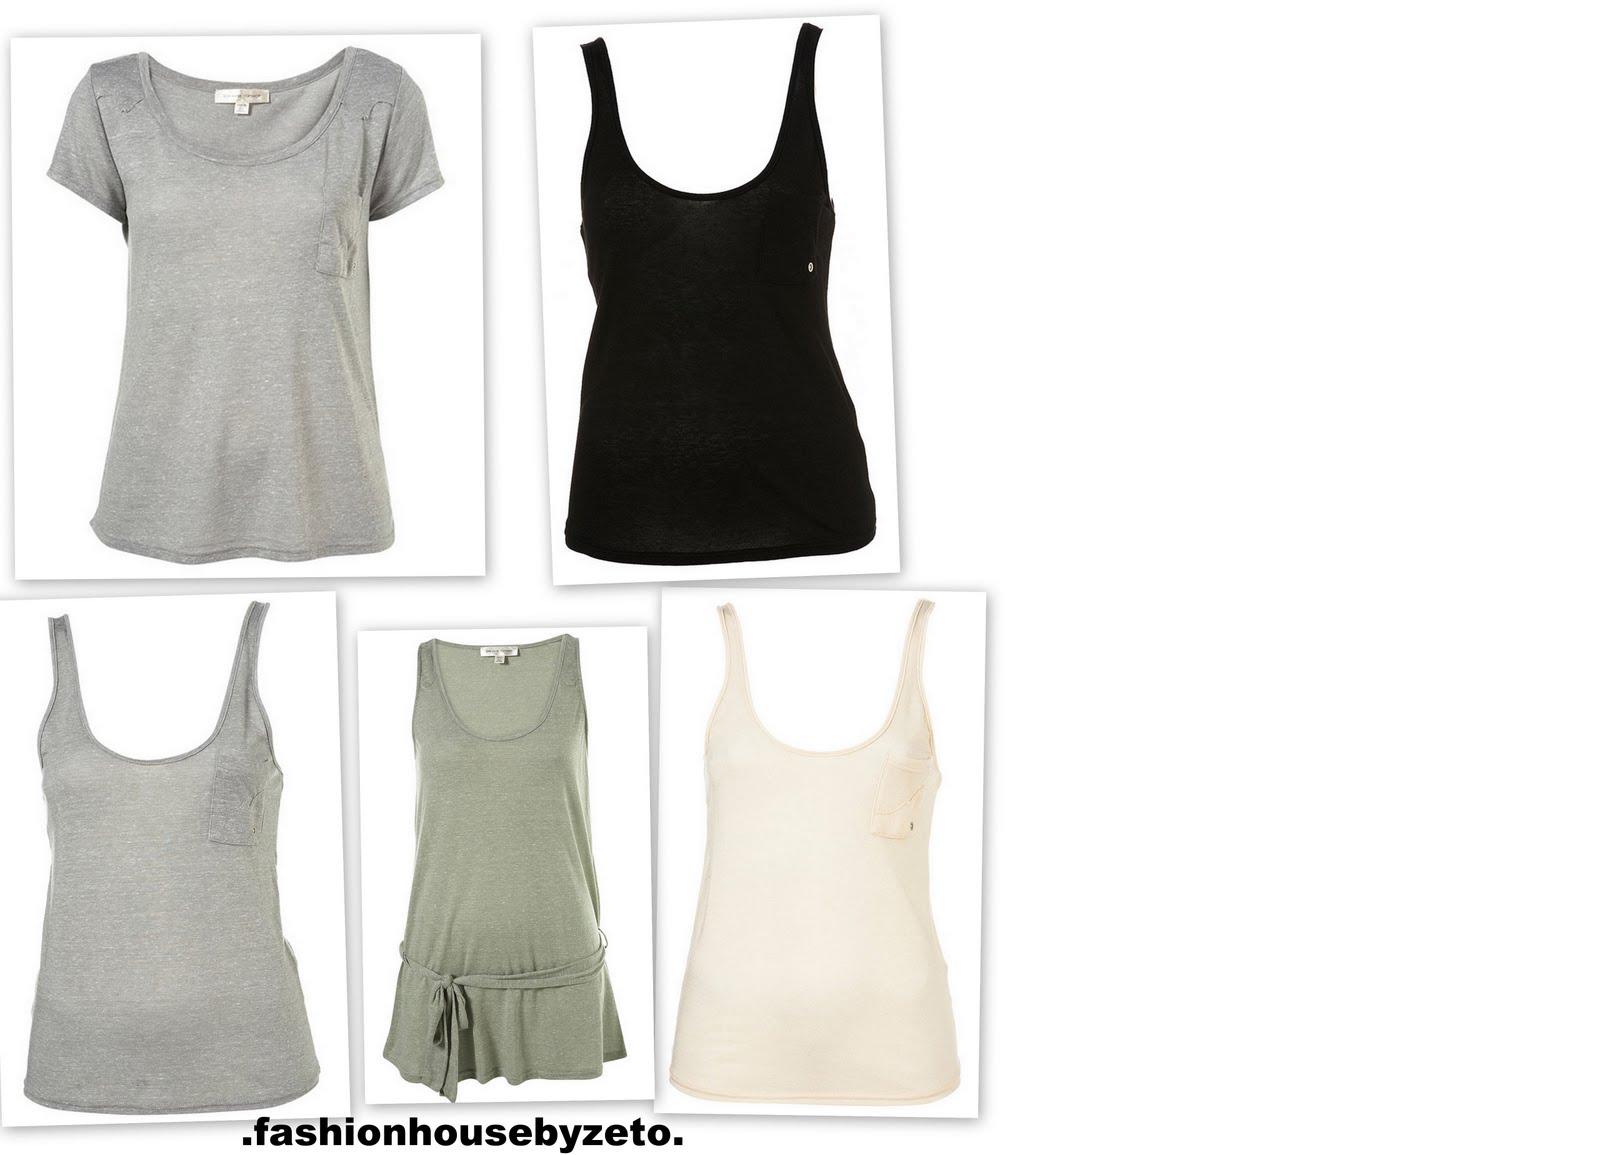 http://4.bp.blogspot.com/_S-vA_8noZ8o/S-1BZb3_XmI/AAAAAAAACeo/1T4QEzX6Weo/s1600/t-shirt.jpg